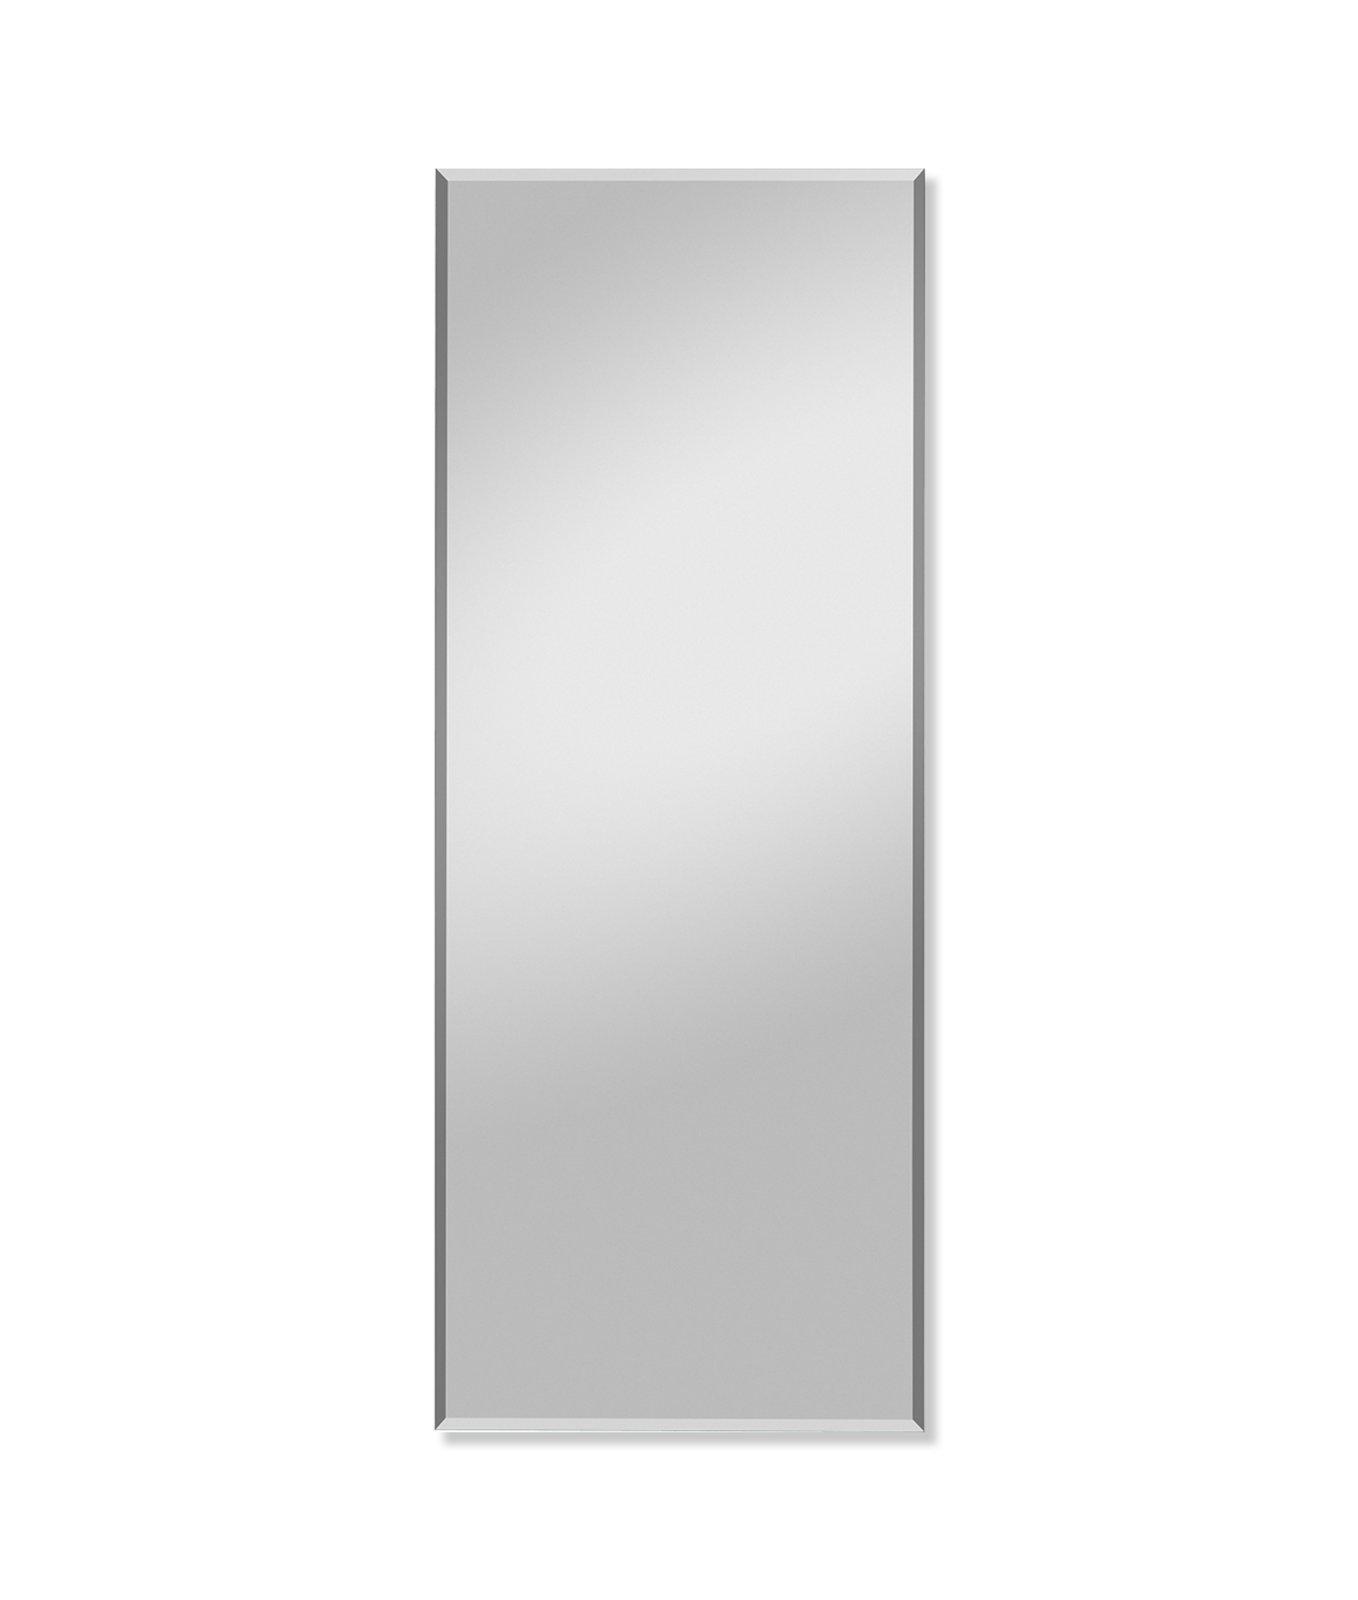 spiegel max mit facettenschliff 49x126 cm wandspiegel spiegel deko haushalt roller. Black Bedroom Furniture Sets. Home Design Ideas